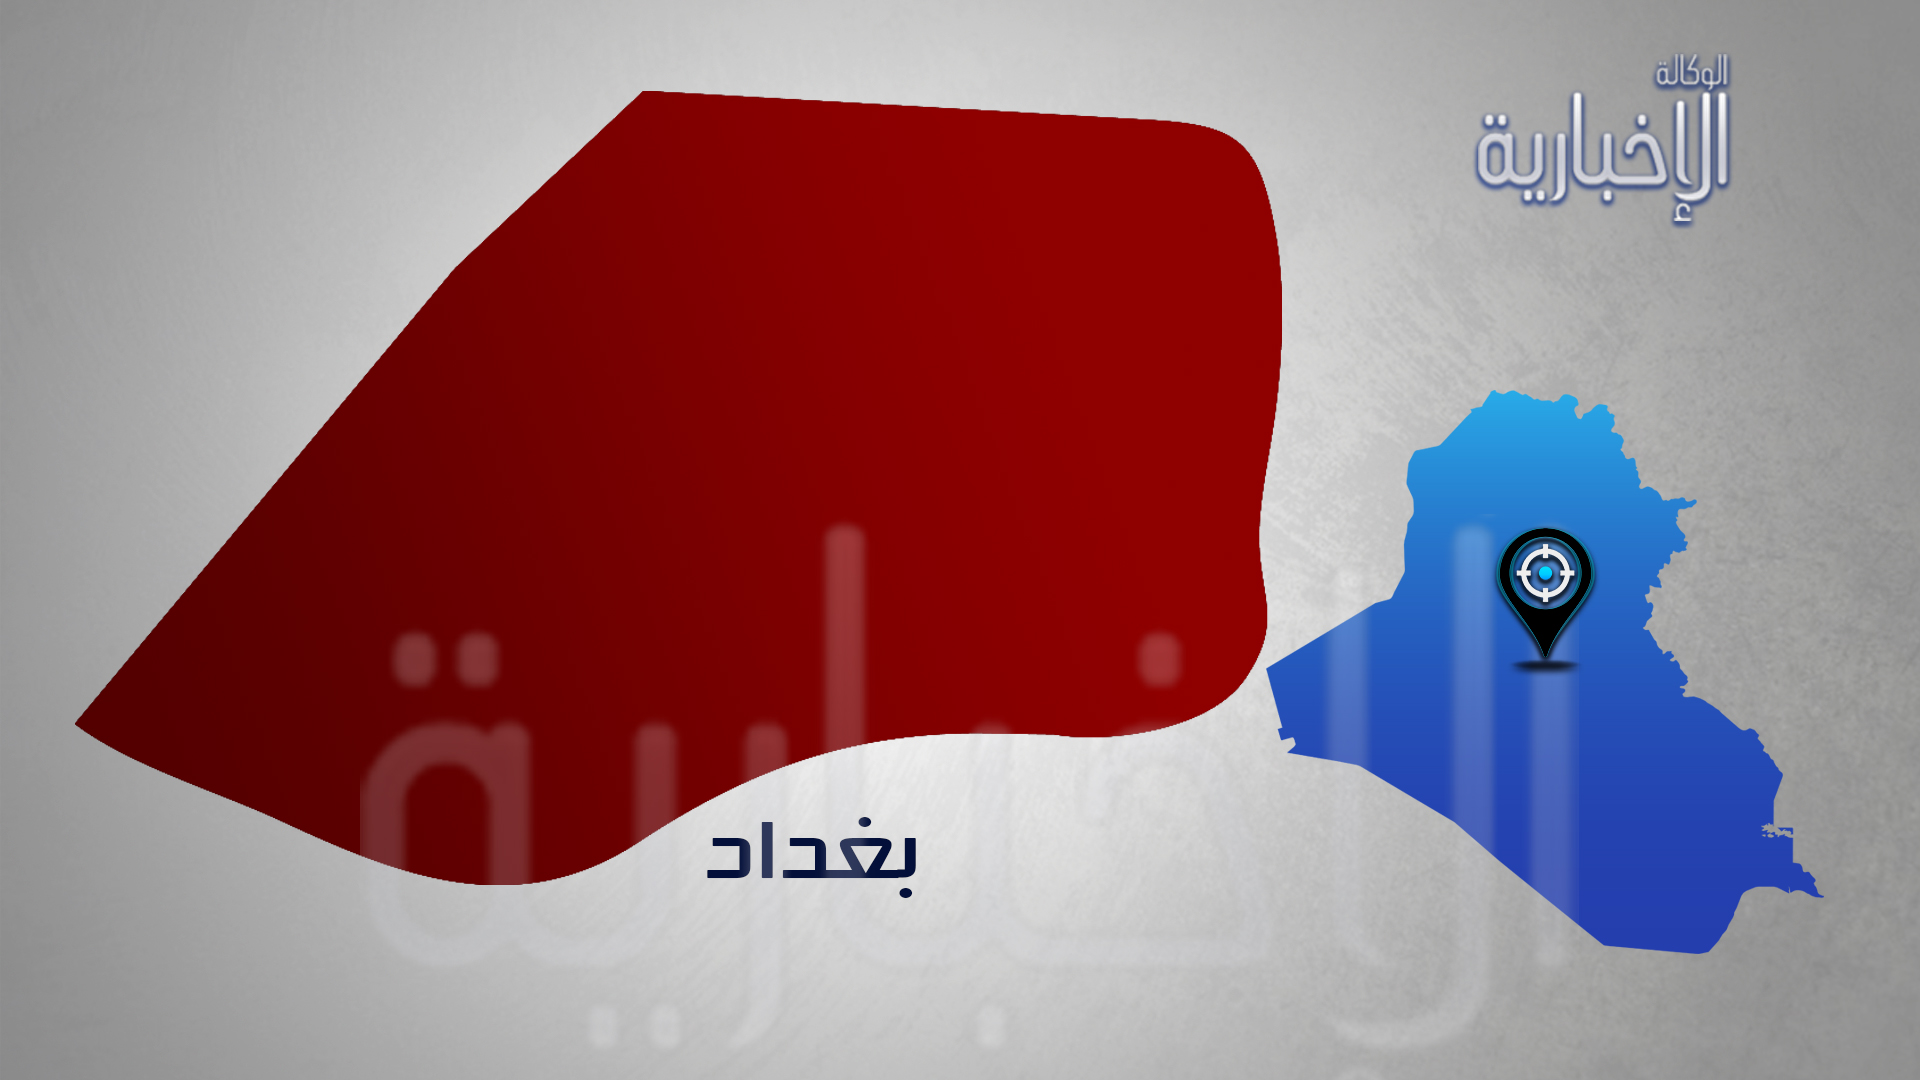 بغداد .. متظاهرون يحاولون قطع طريق سريع الدورة بحرق الاطارات